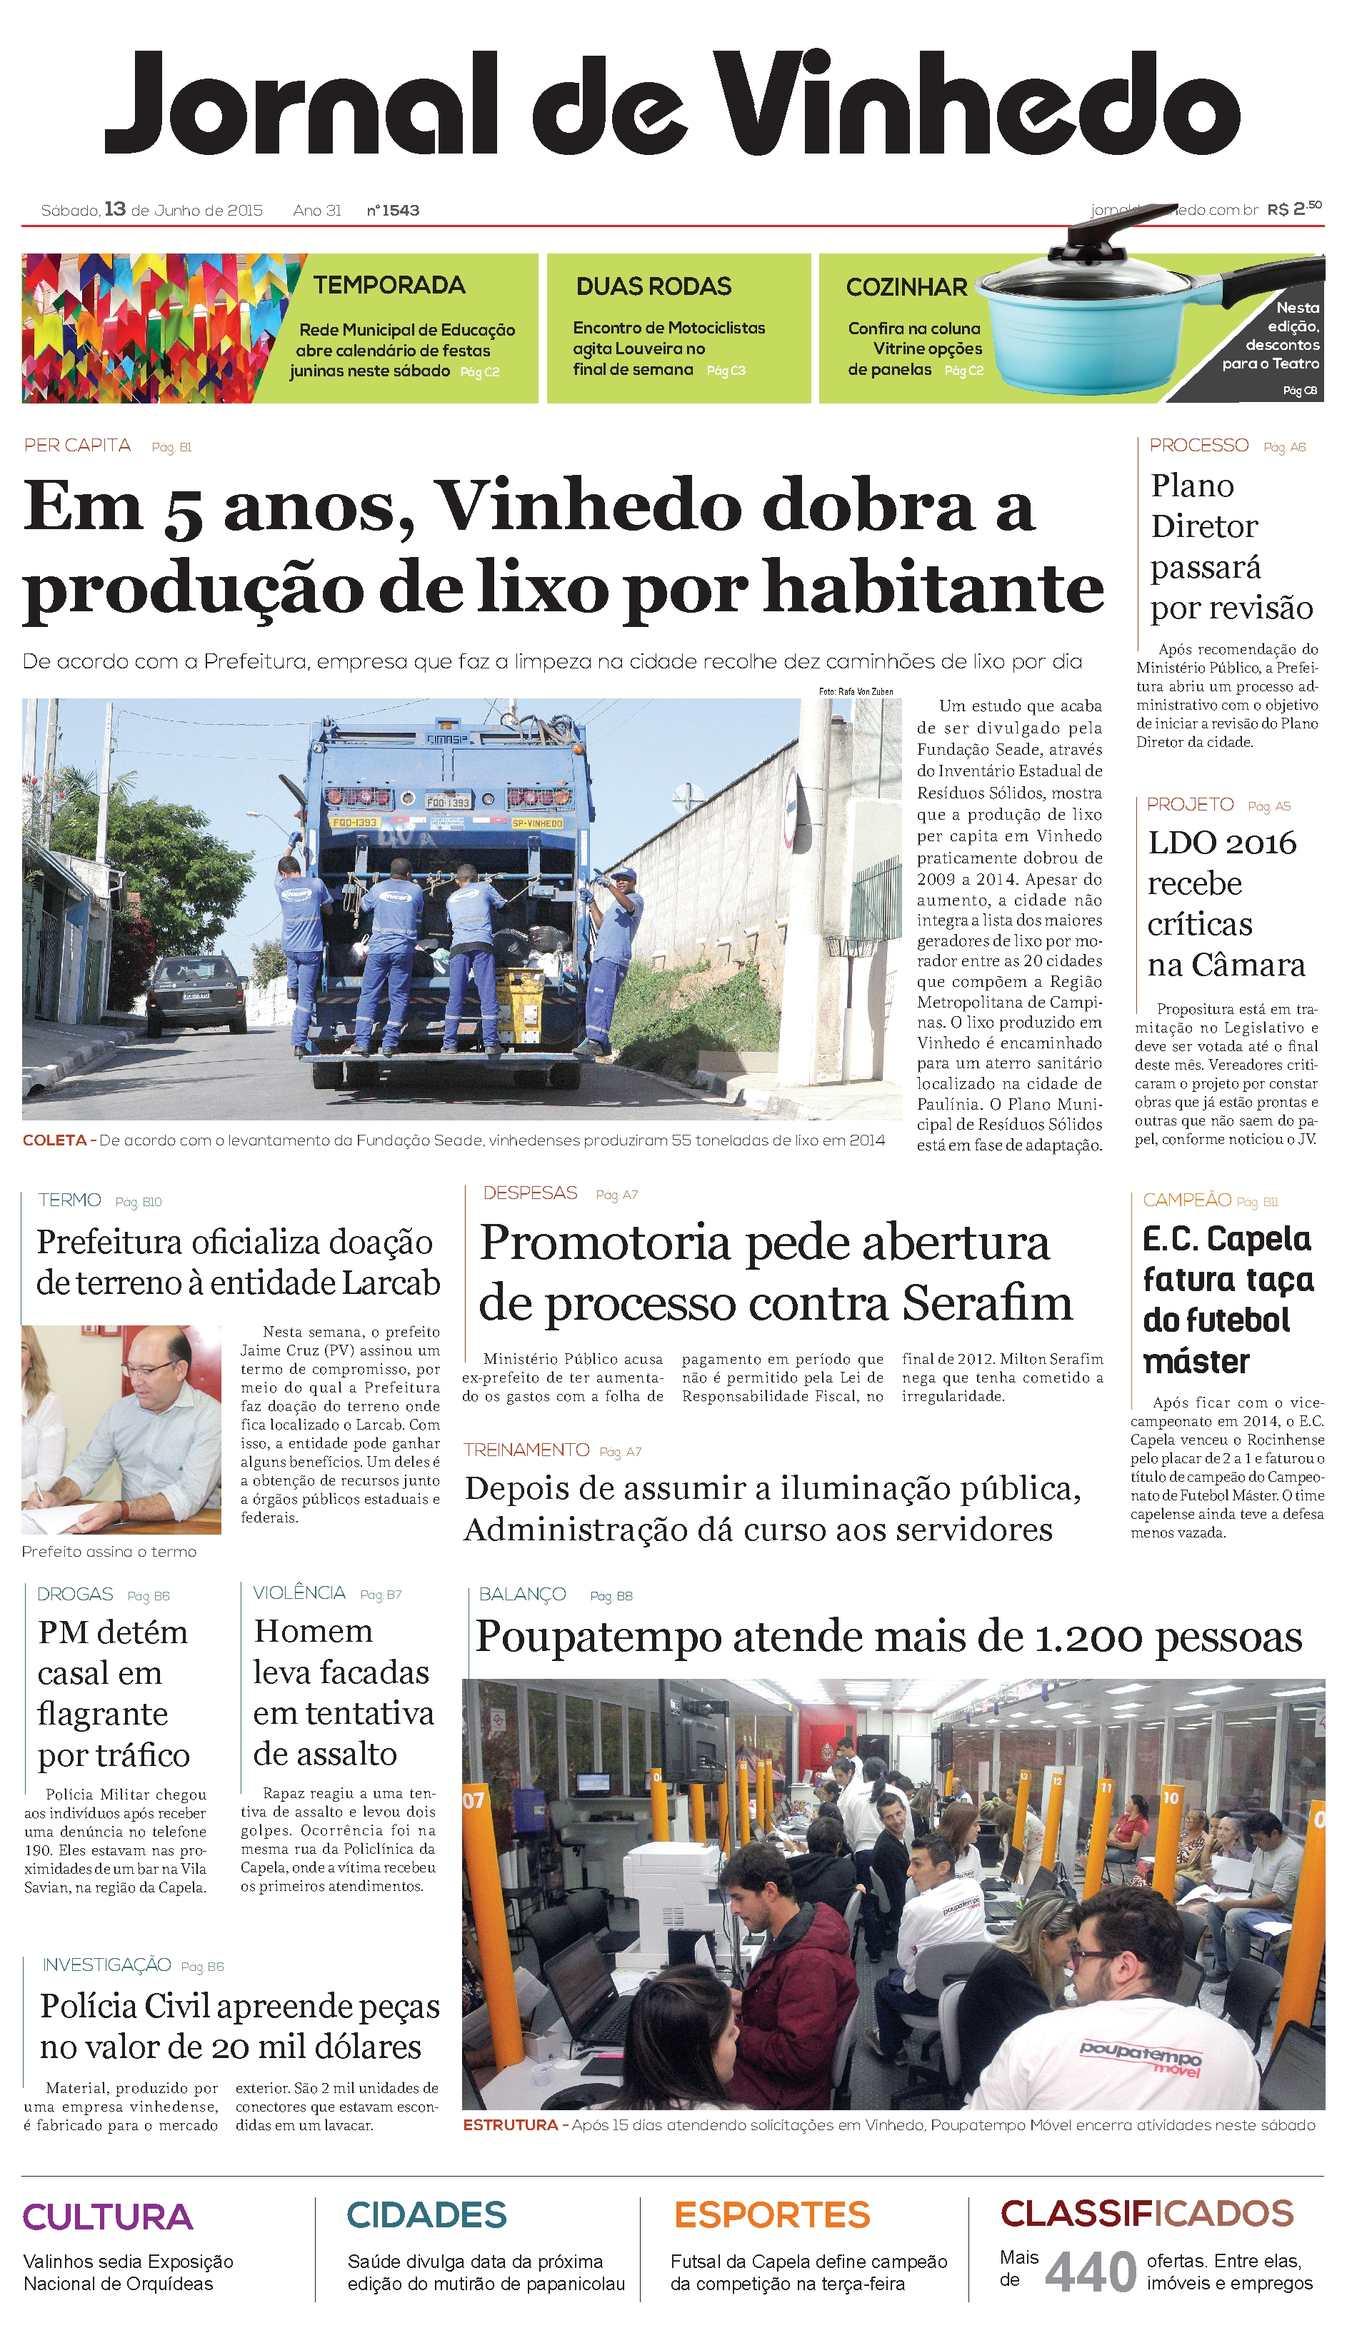 b5480cbd9 Calaméo - Jornal De Vinhedo Sábado, 13 De Junho De 2015 Edic1543